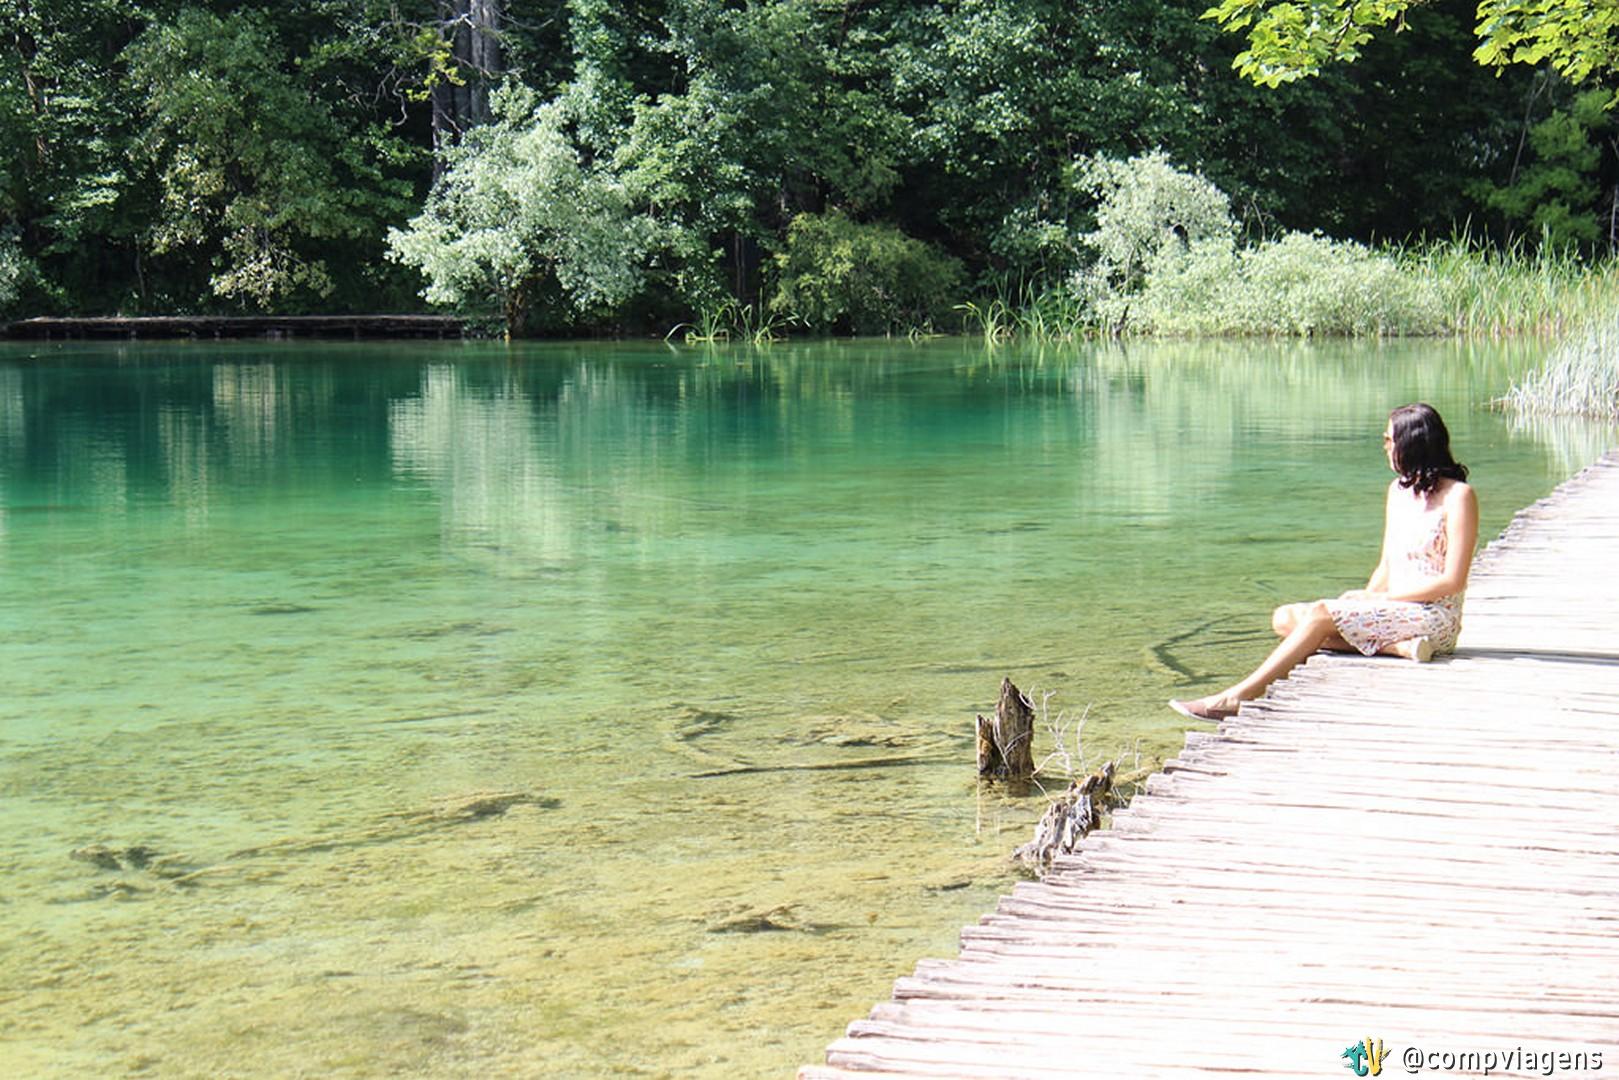 Ao longo do parque tem várias passarelas de madeira sobre os lagos